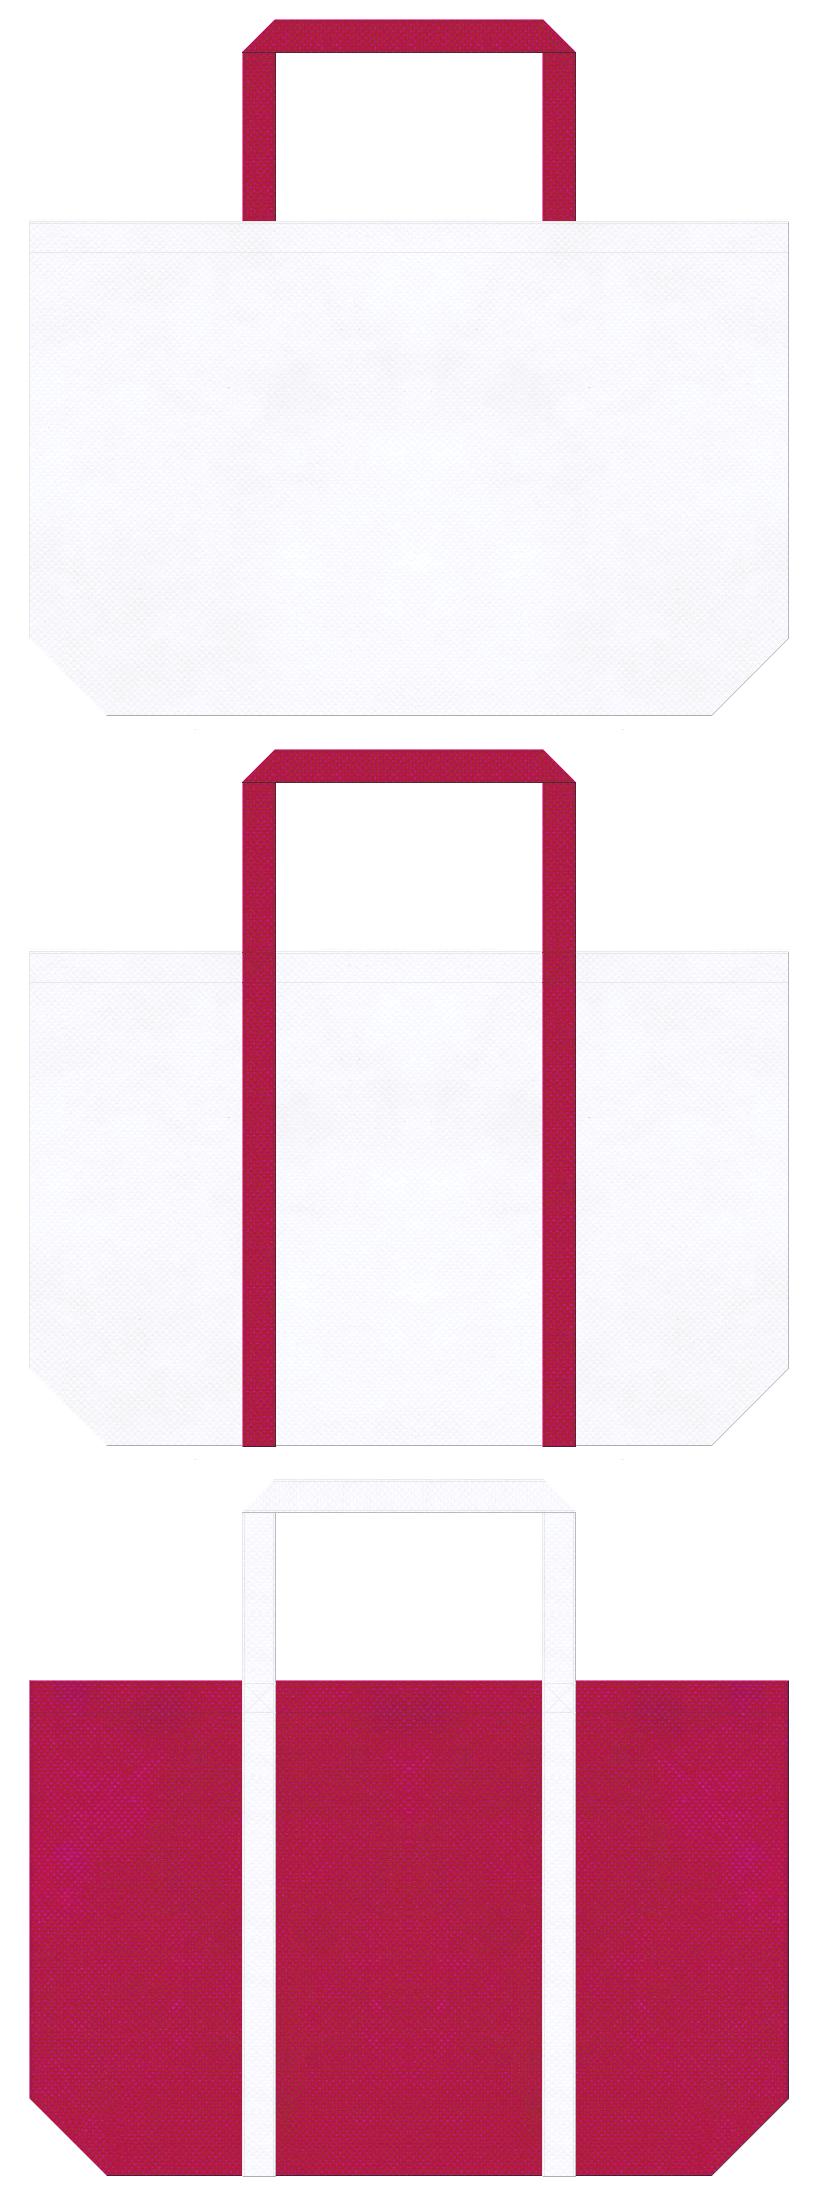 白色と濃いピンク色の不織布ショッピングバッグデザイン